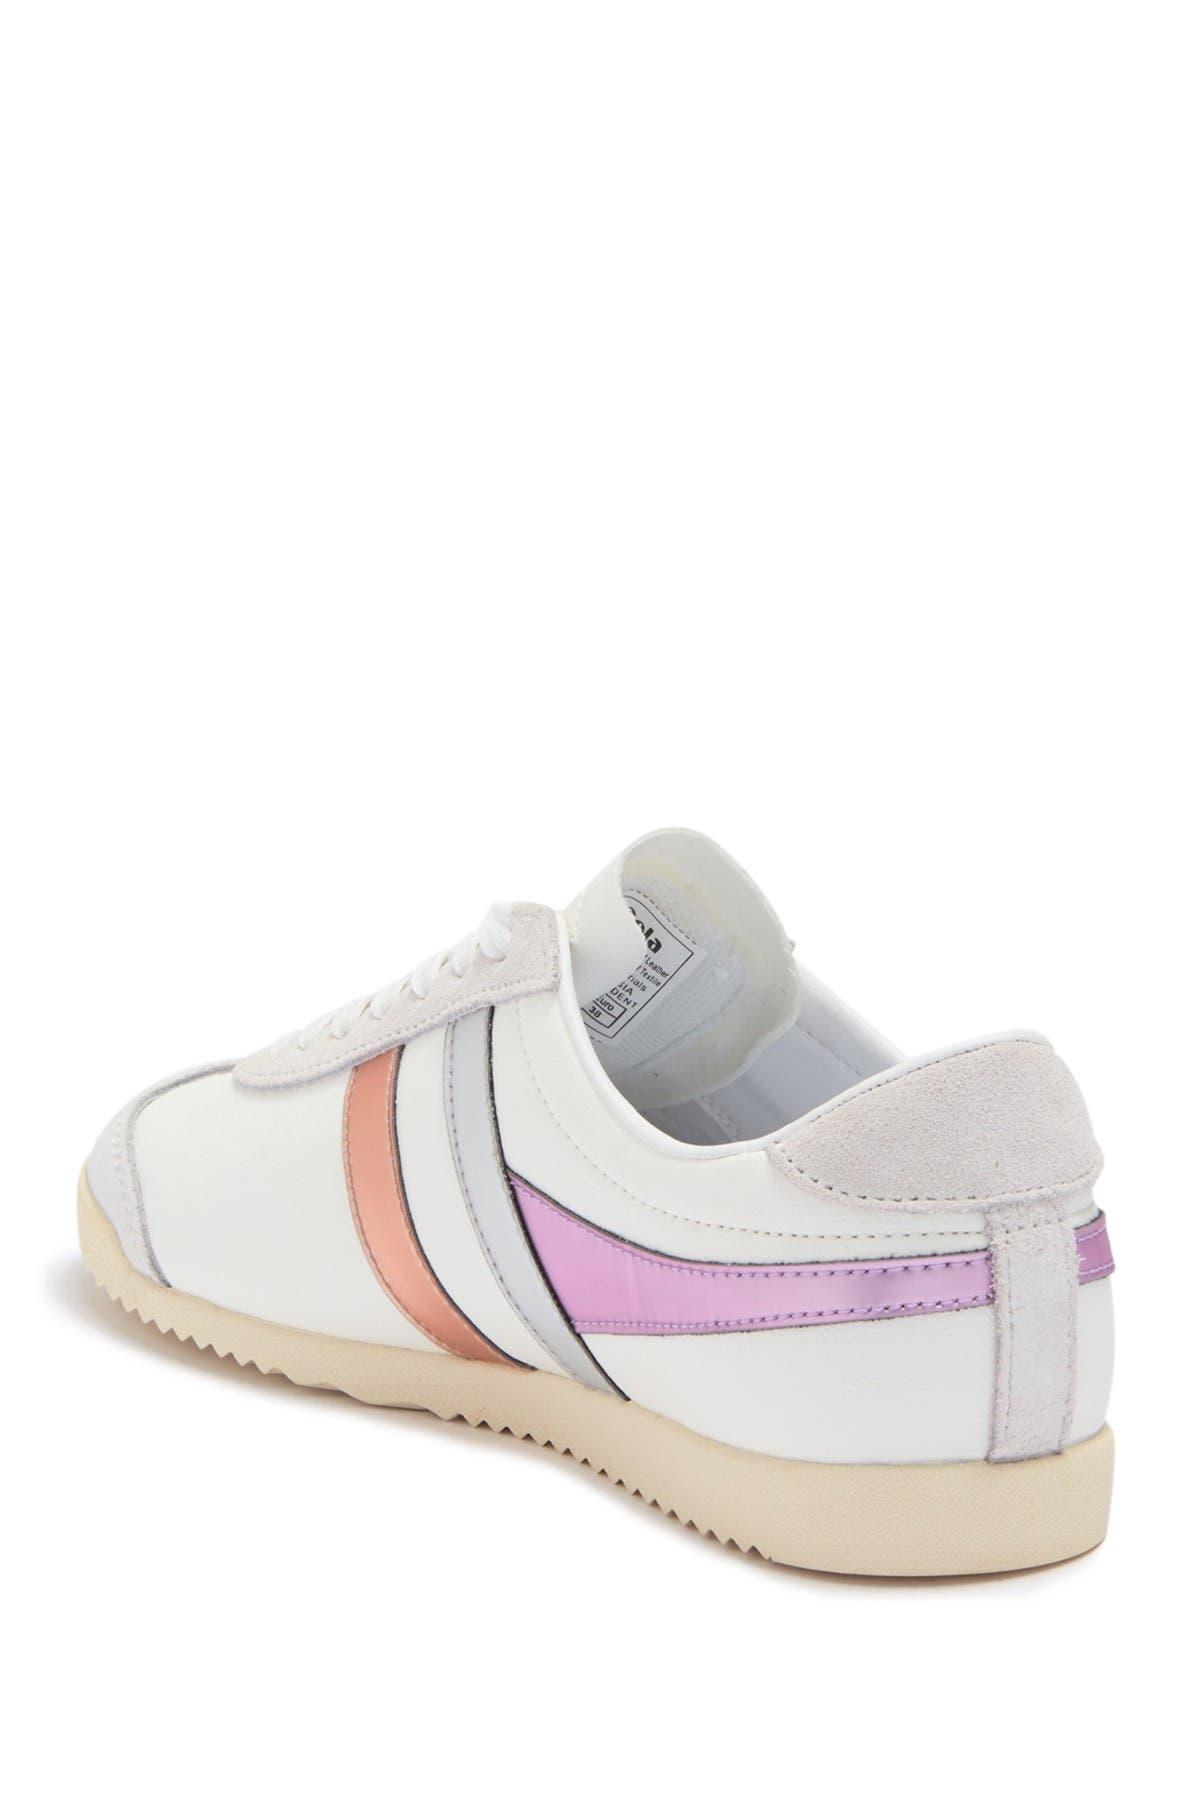 Image of Gola Bullet Trident Sneaker